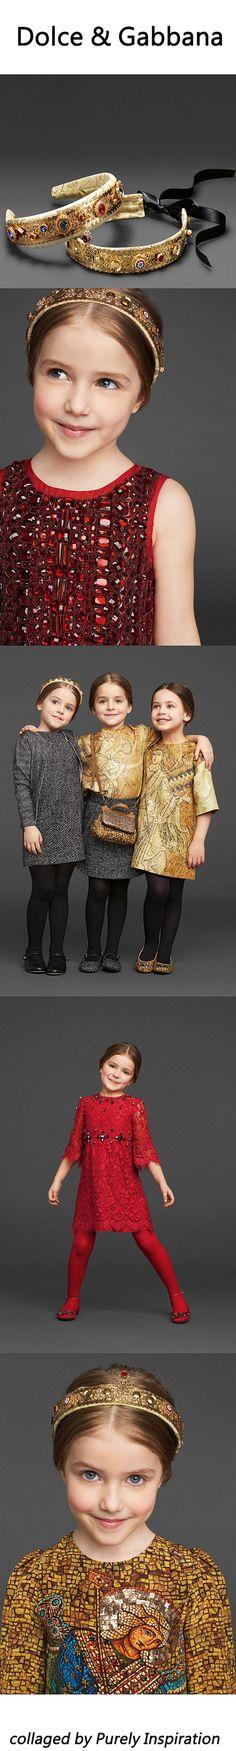 Dolce & Gabbana F/W 2013/14 #PurelyInspiration